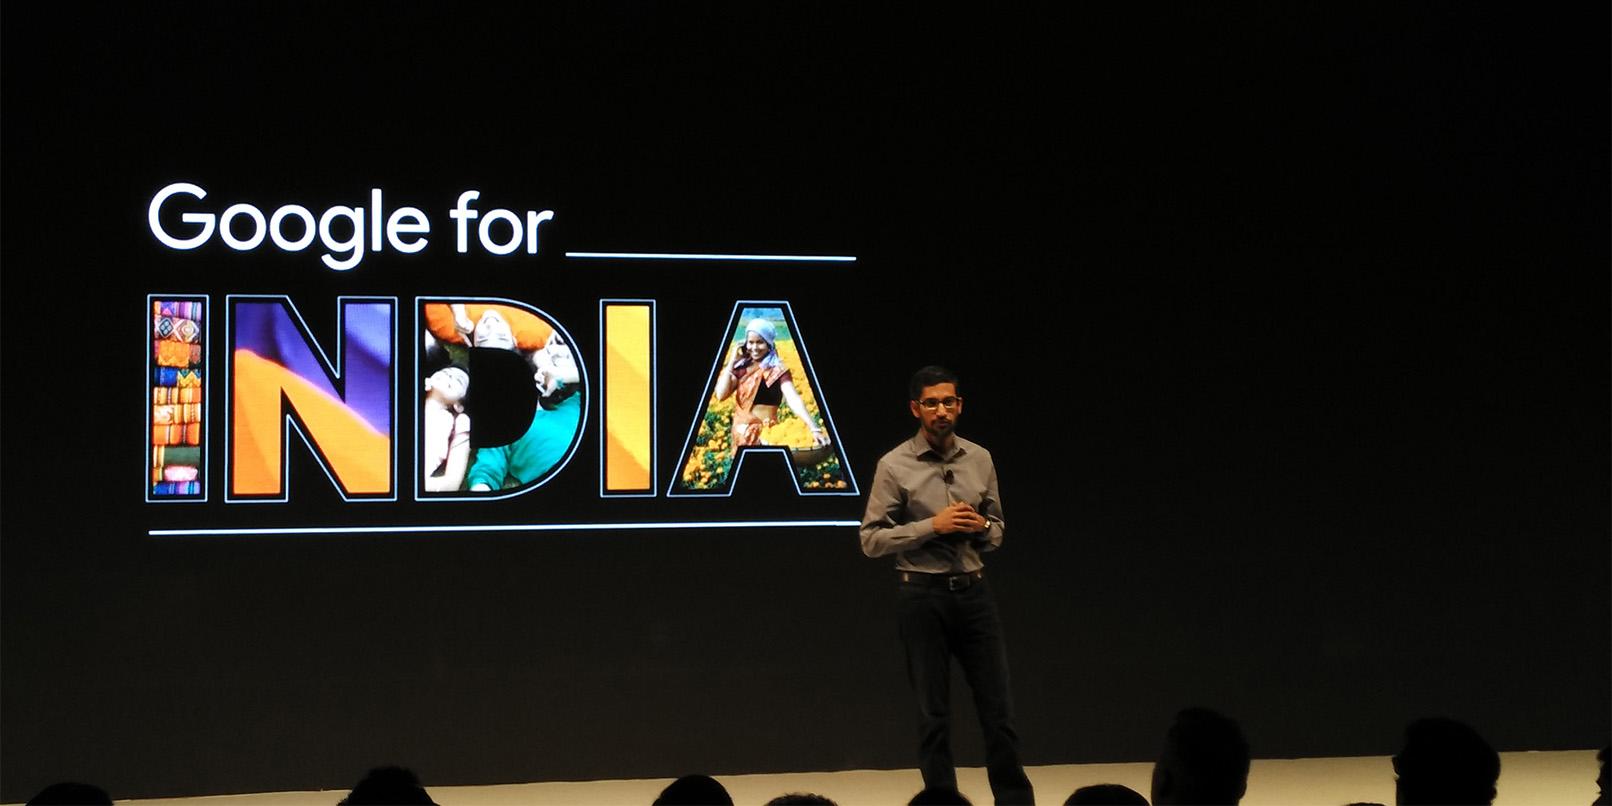 गूगल लेकर आया है गूगल फॉर इंडिया